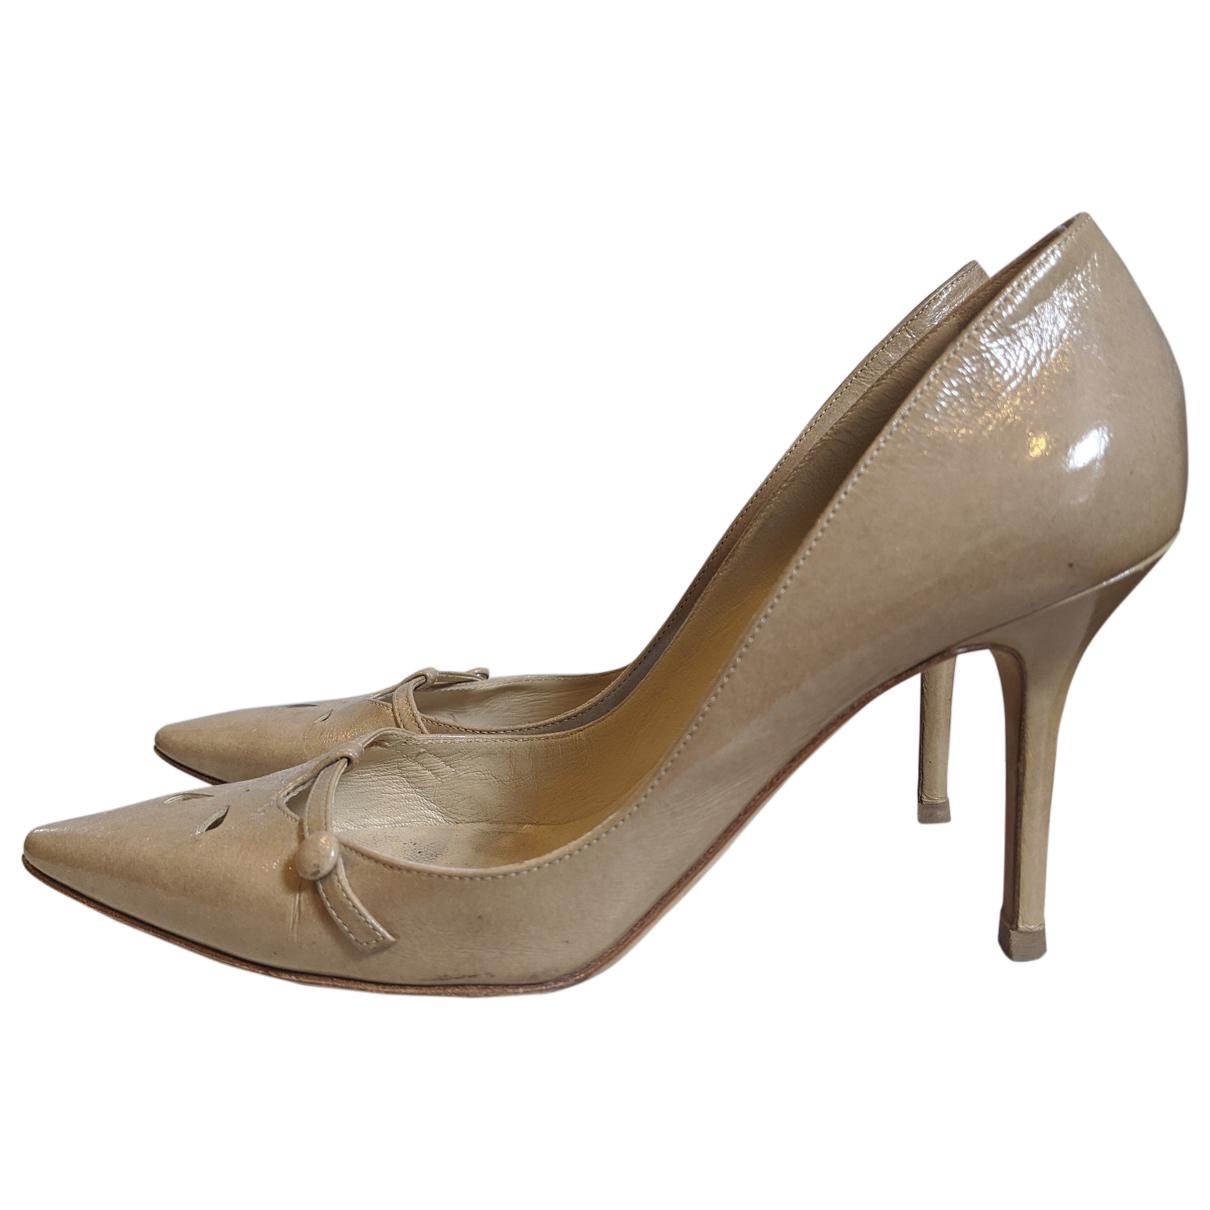 Jimmy Choo \N Beige Patent leather Heels for Women 39 EU